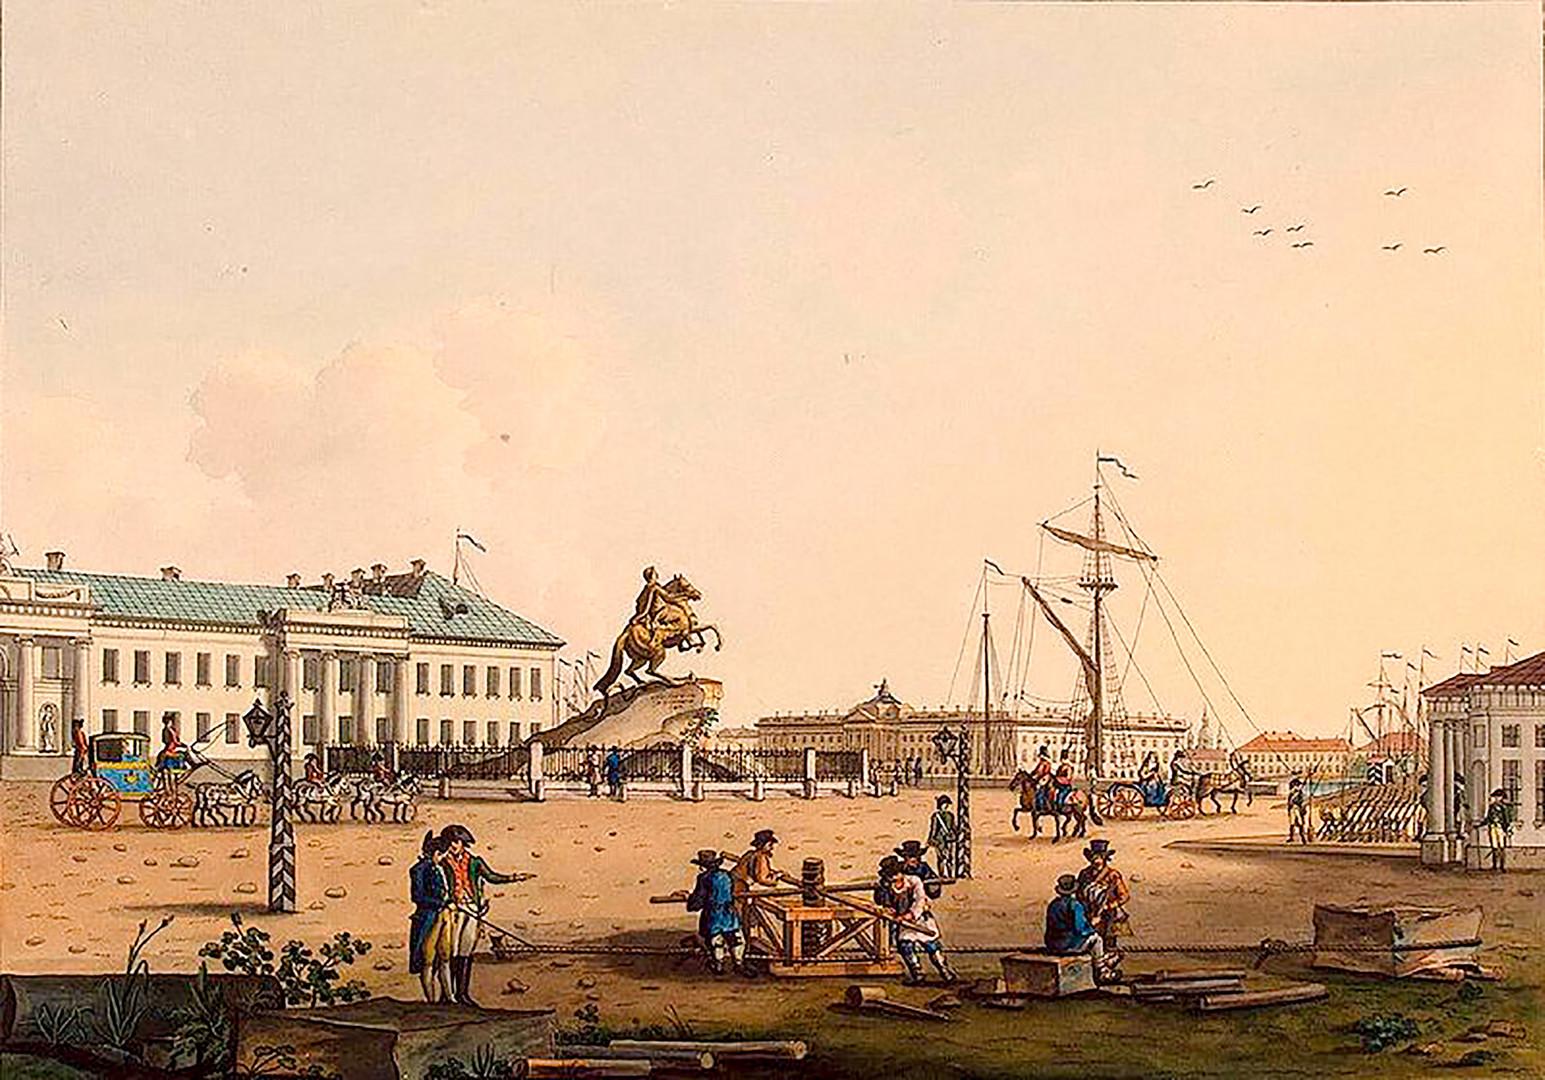 Senatski trg v Sankt Peterburgu, novi ruski prestolnici.